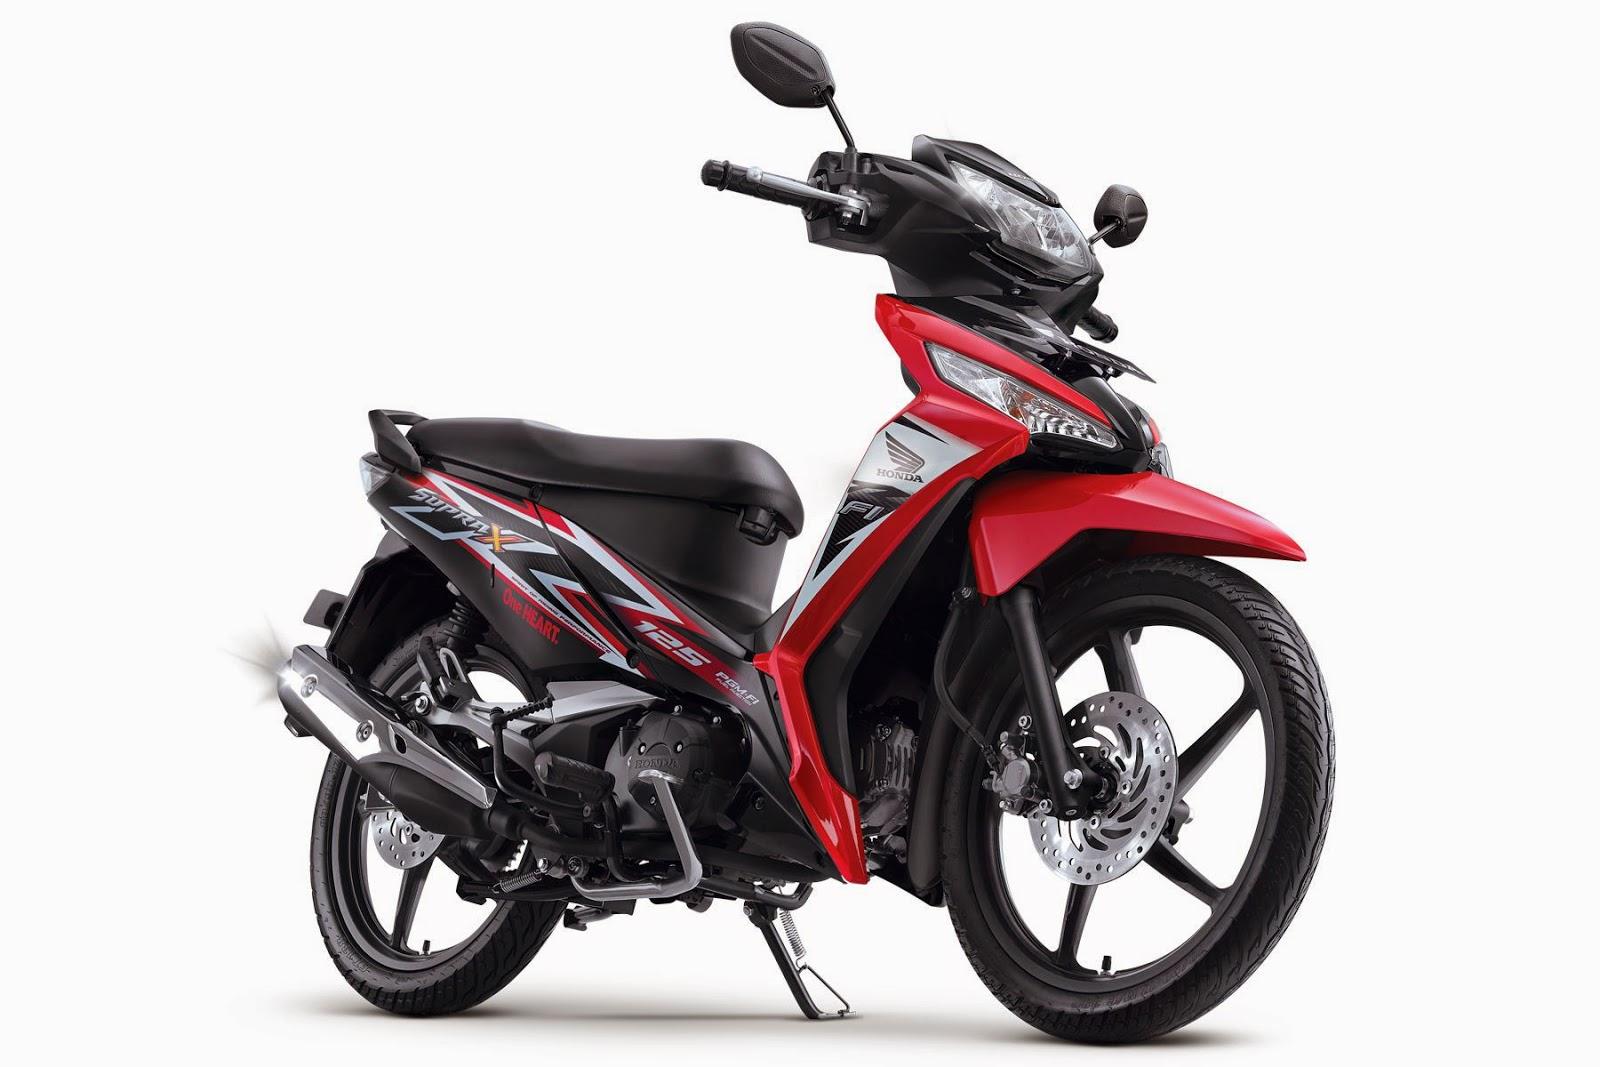 Spesifikasi Honda New Supra X 125 FI